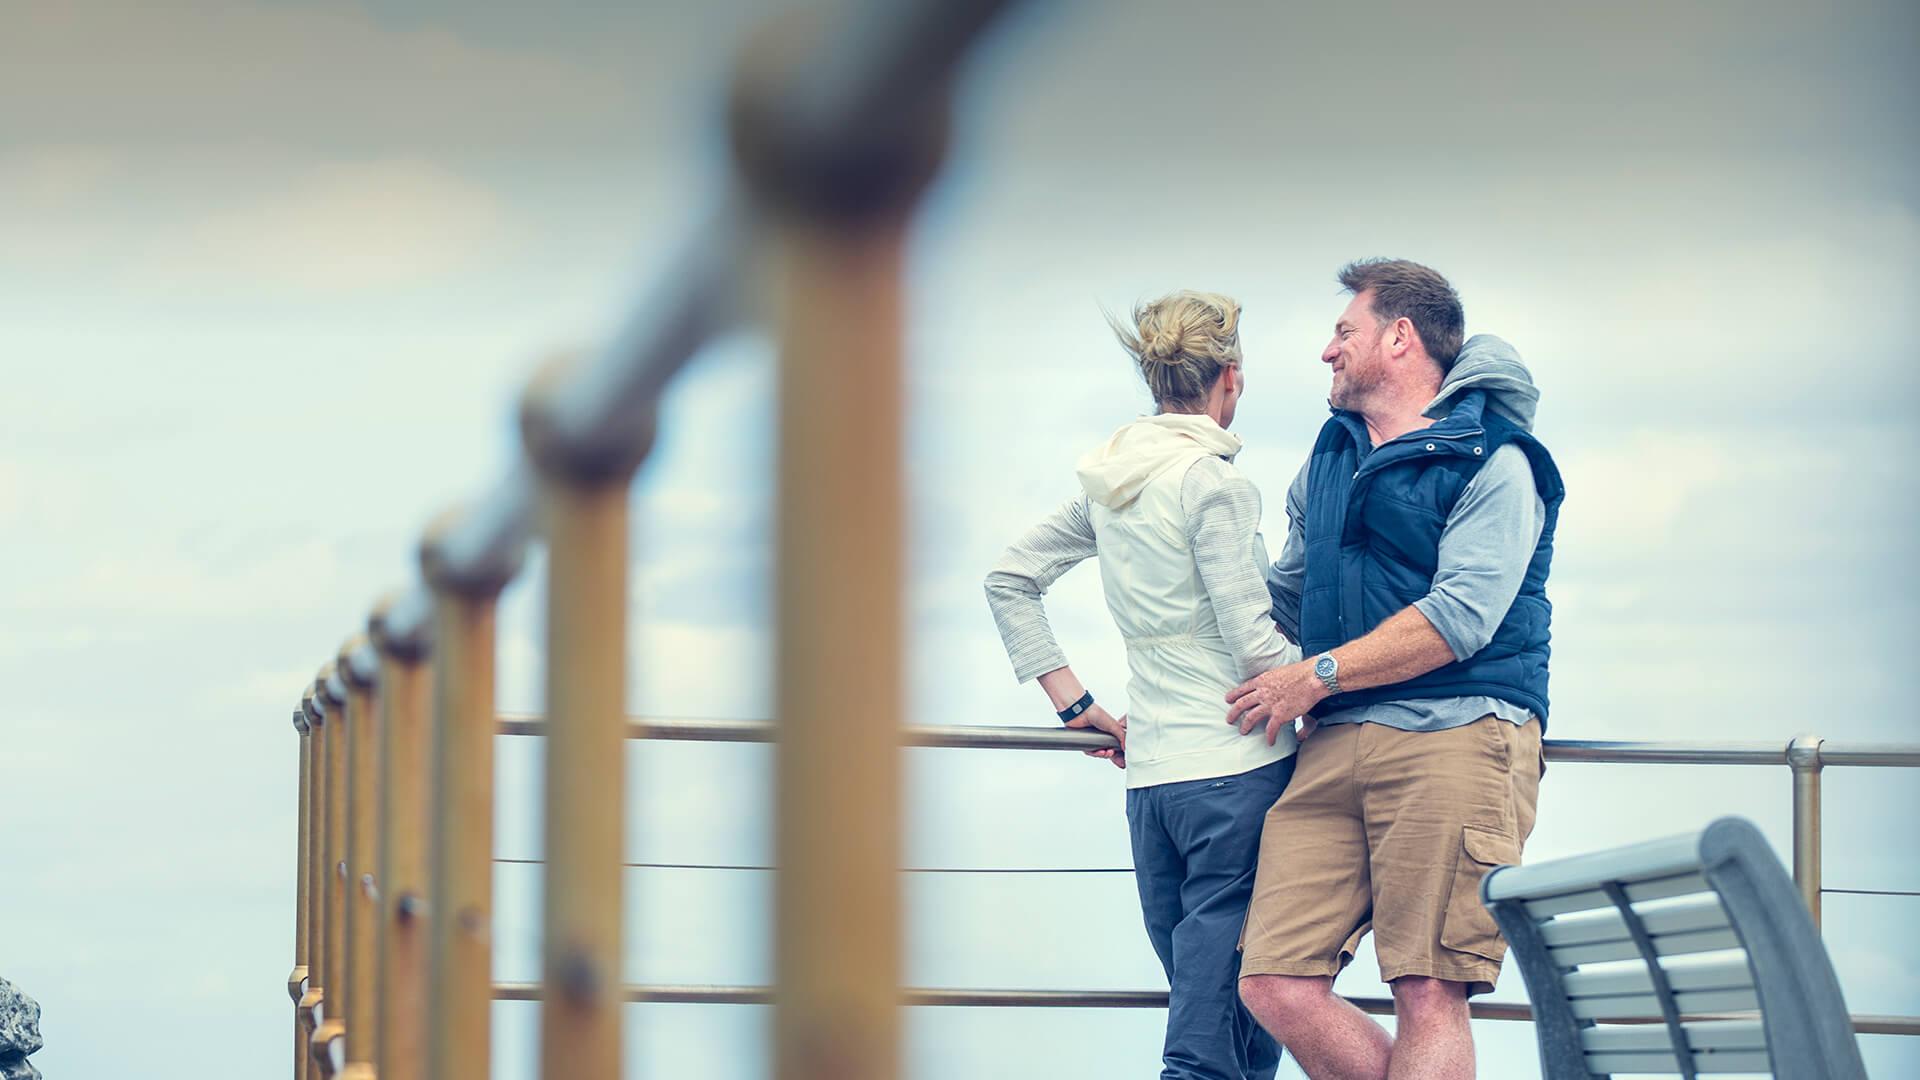 No sign in australia -0 dating men sites up sydney Find free